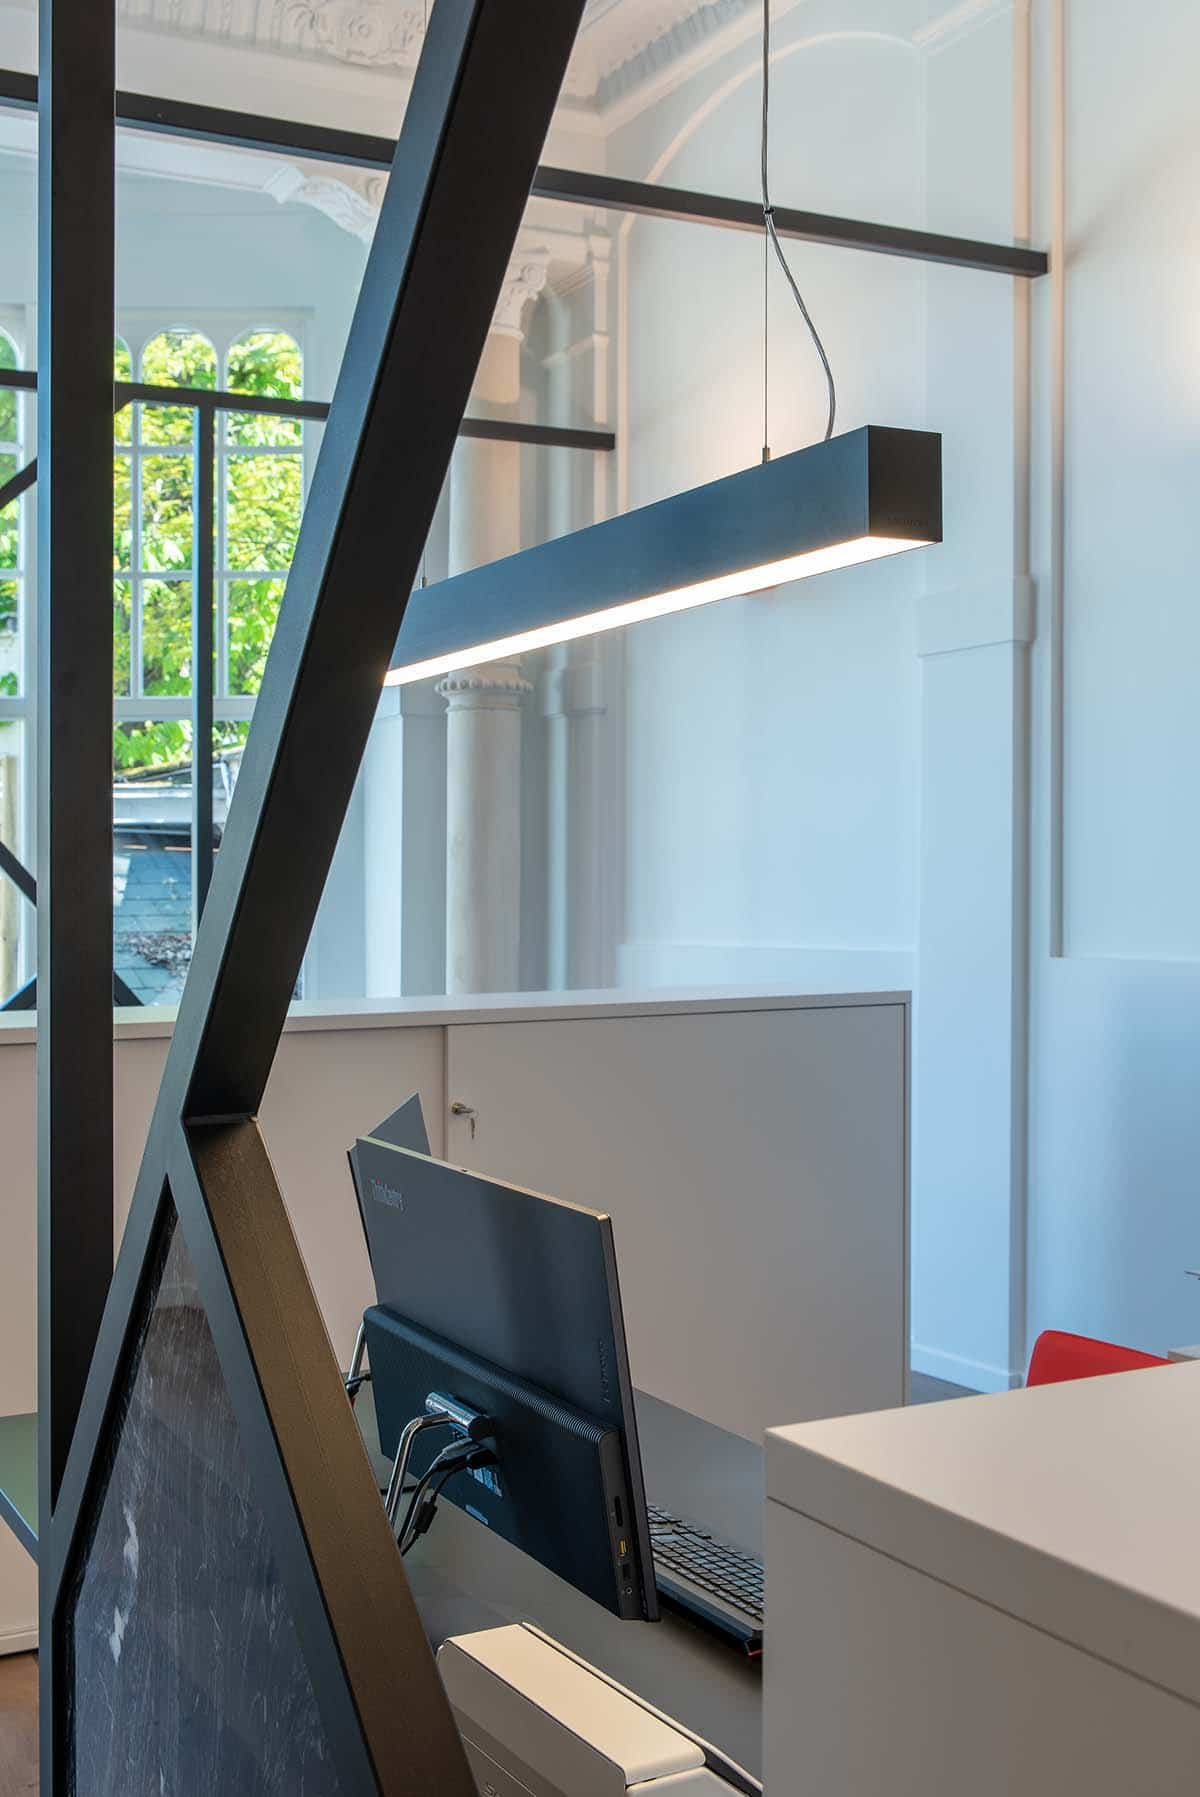 design kantoor tweedraads advocaten